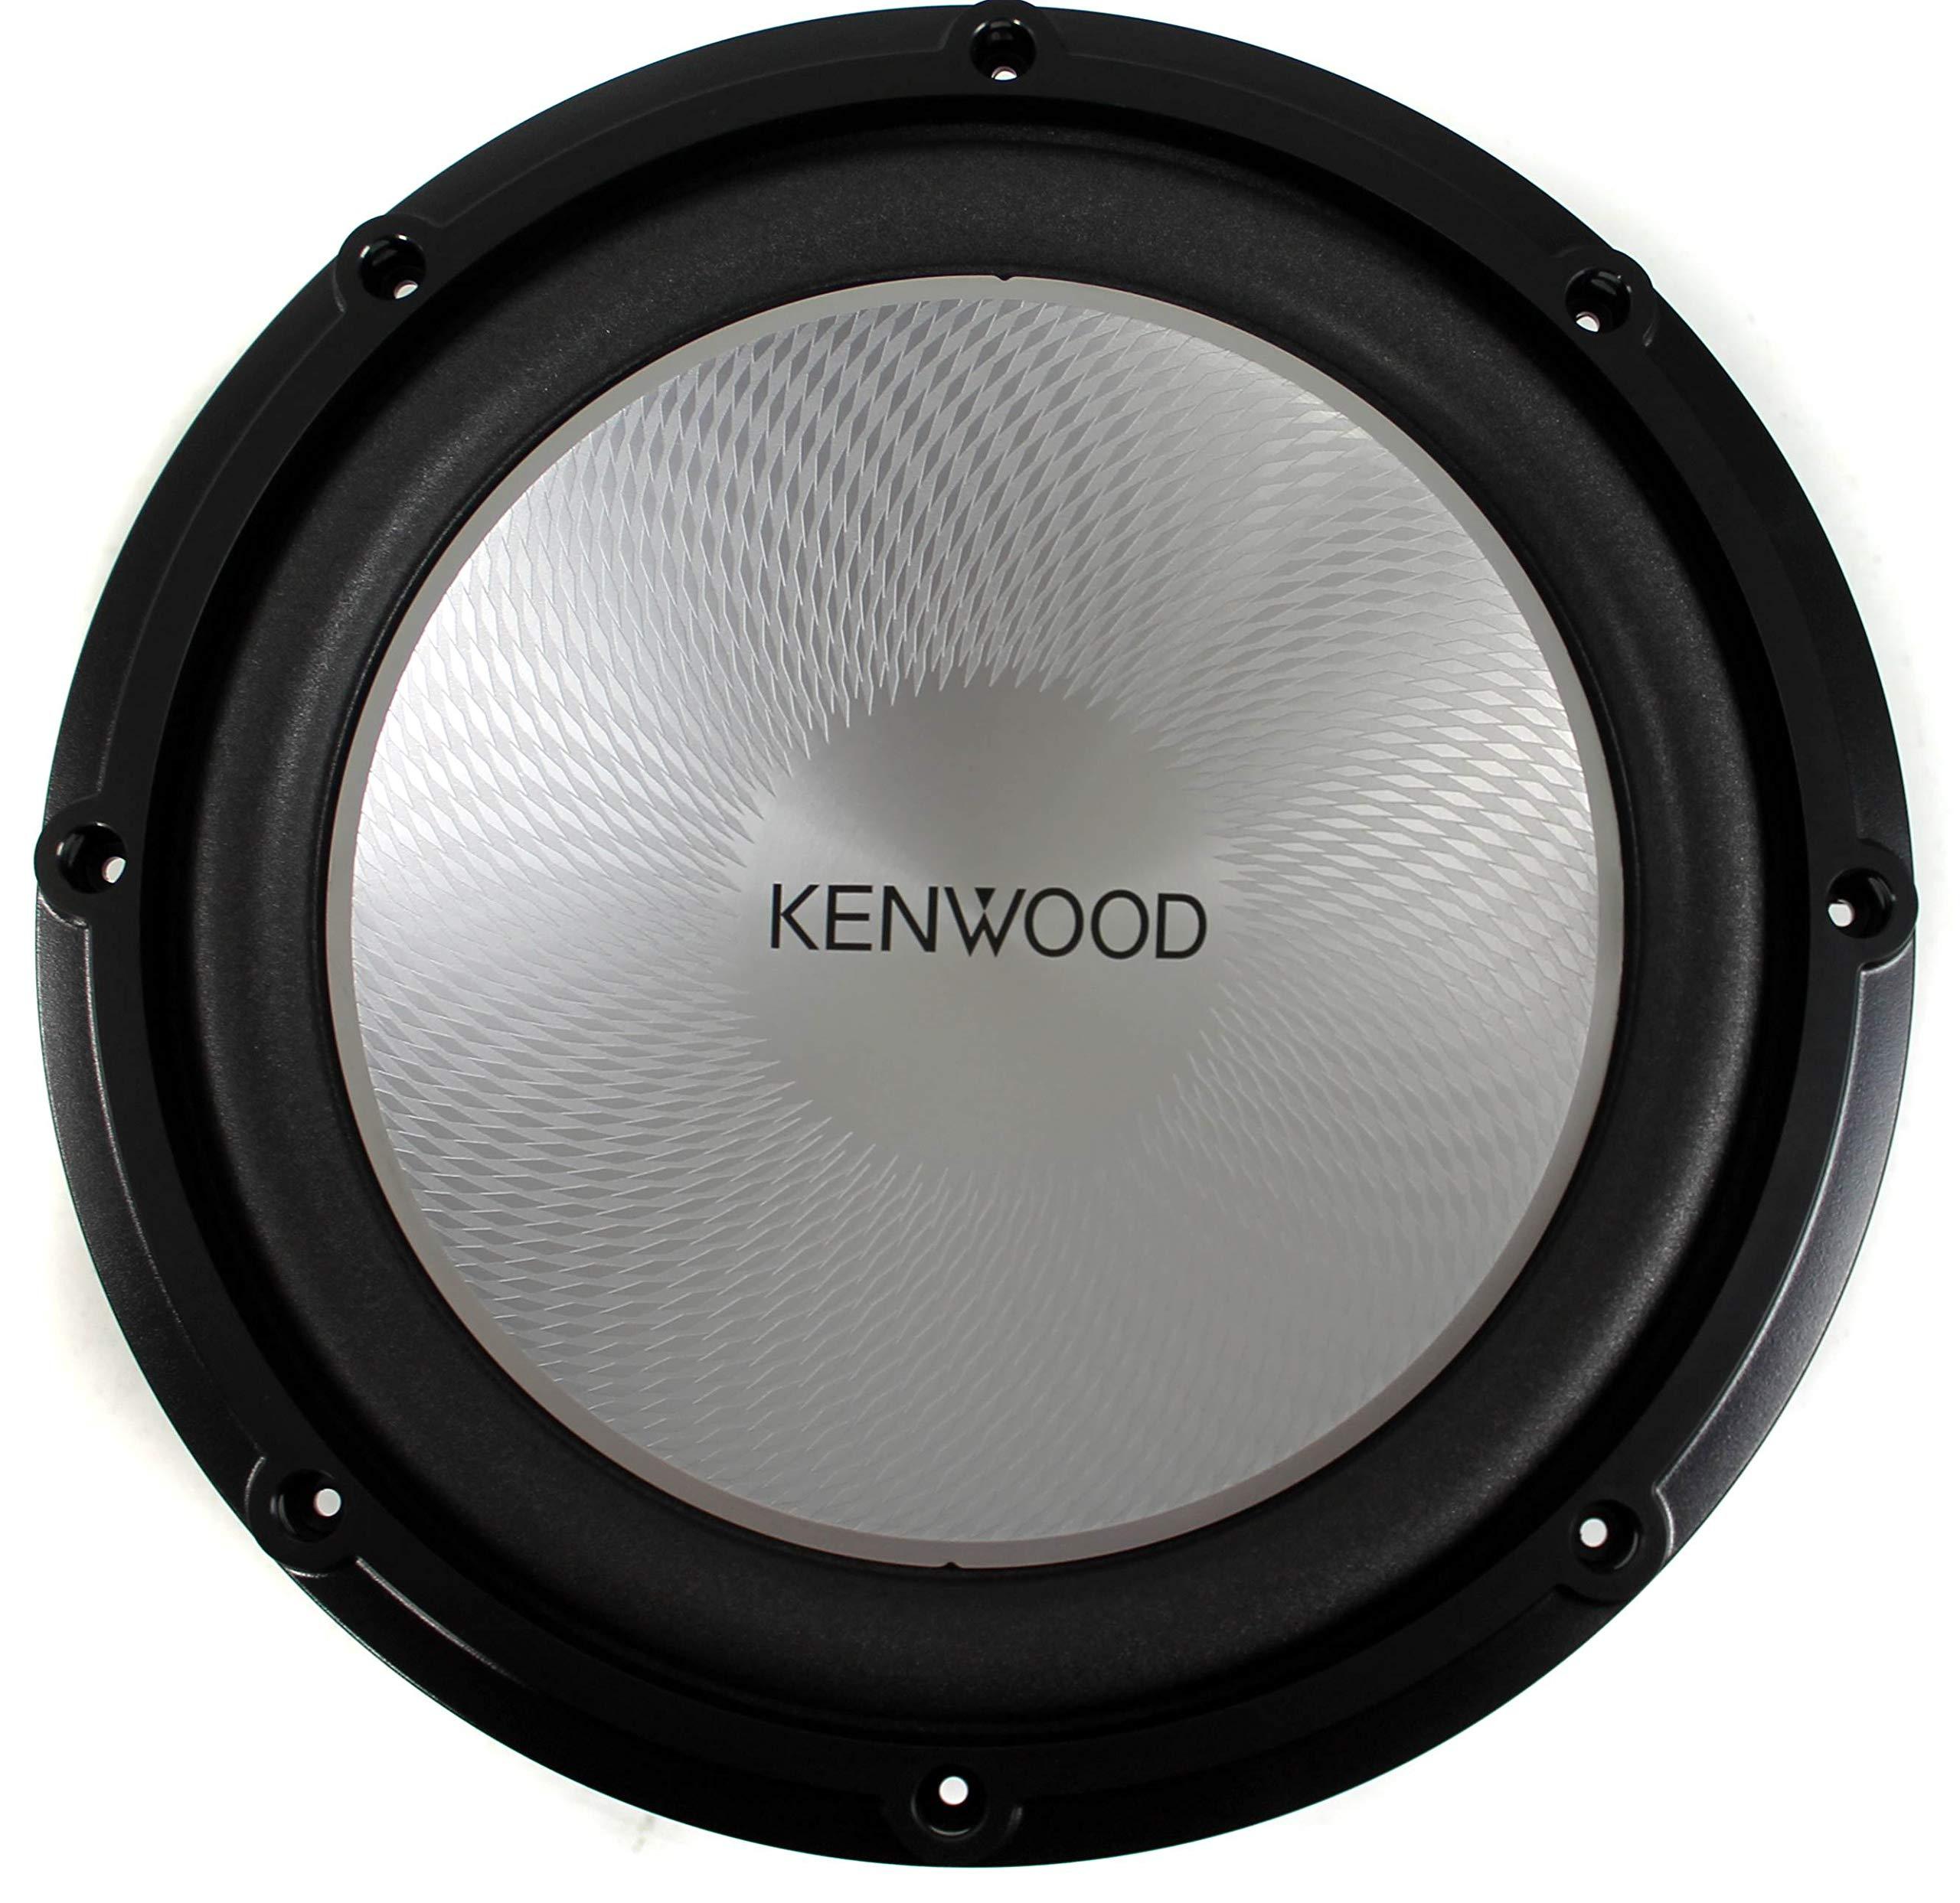 Kenwood KFC W12PS Single Performance Subwoofer